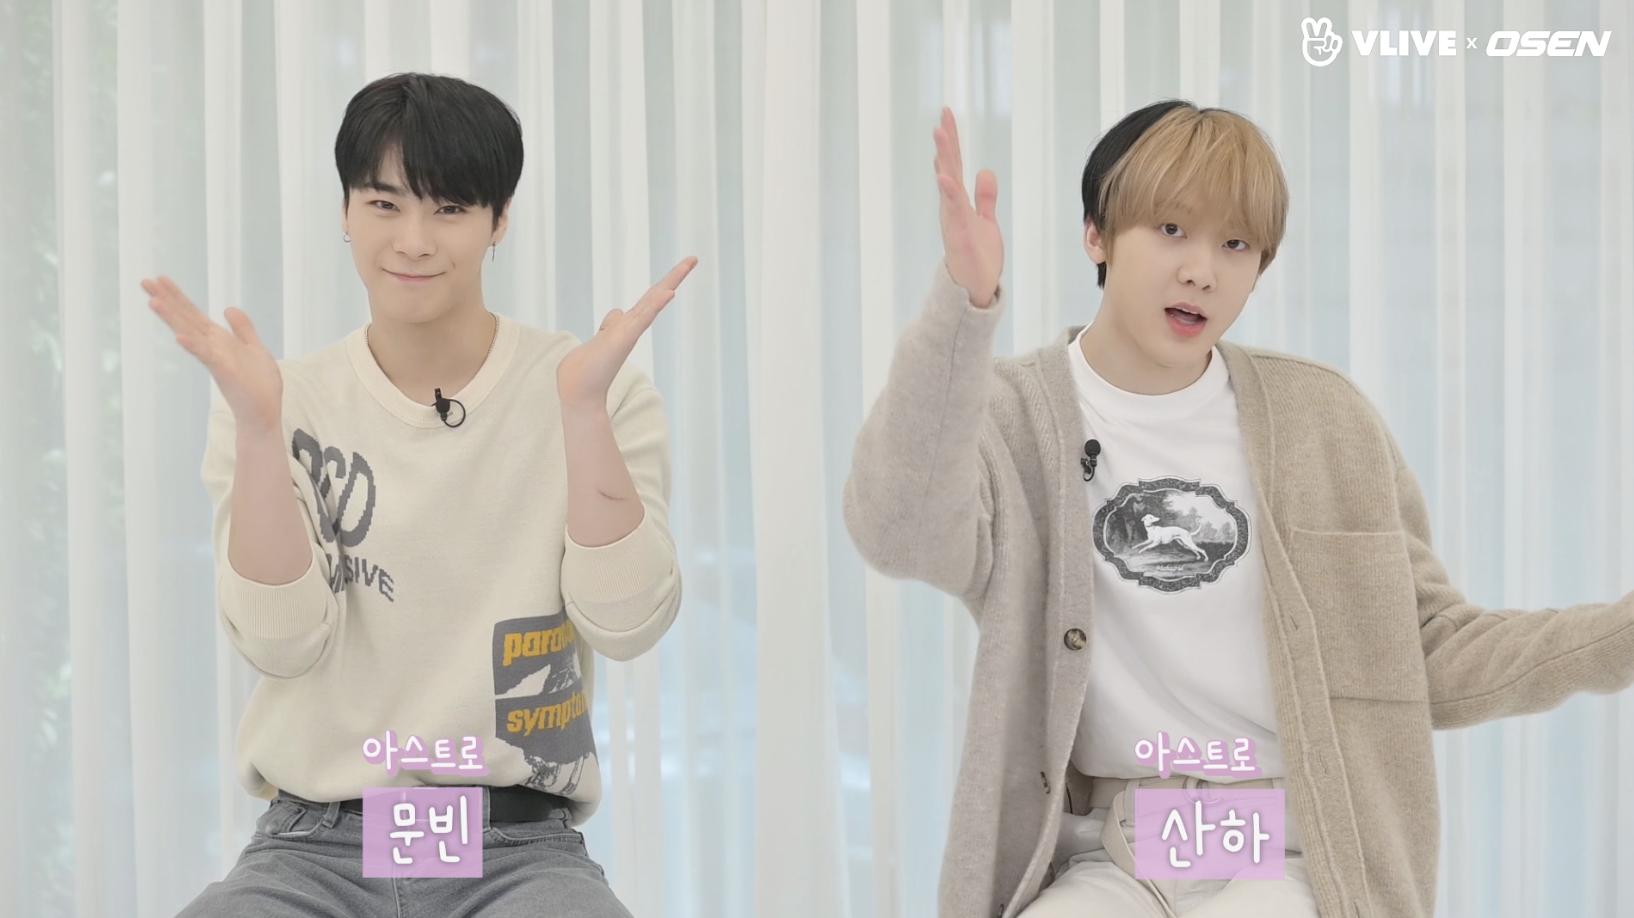 아스트로 문빈&산하, 최강 유닛으로 돌아왔다! #스타로드 01